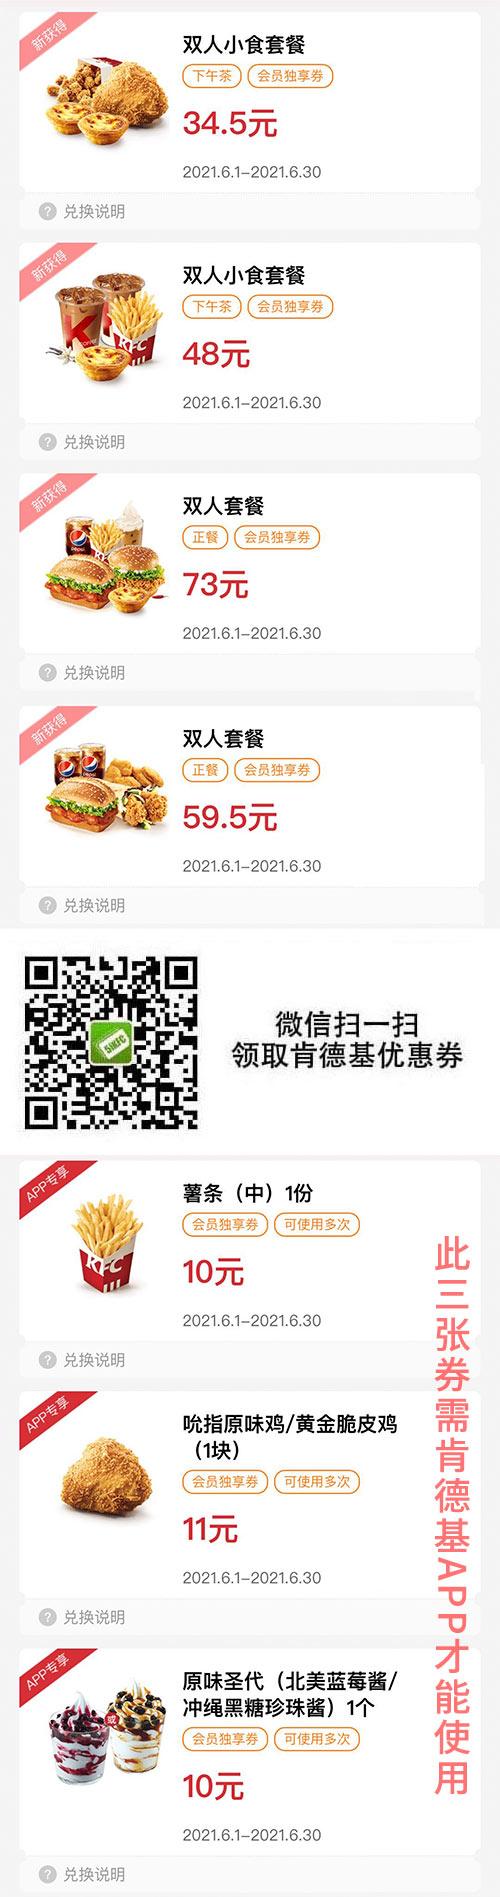 肯德基优惠券2021年6月份版本,双人小食餐34.5元起 双人套餐59.5元起